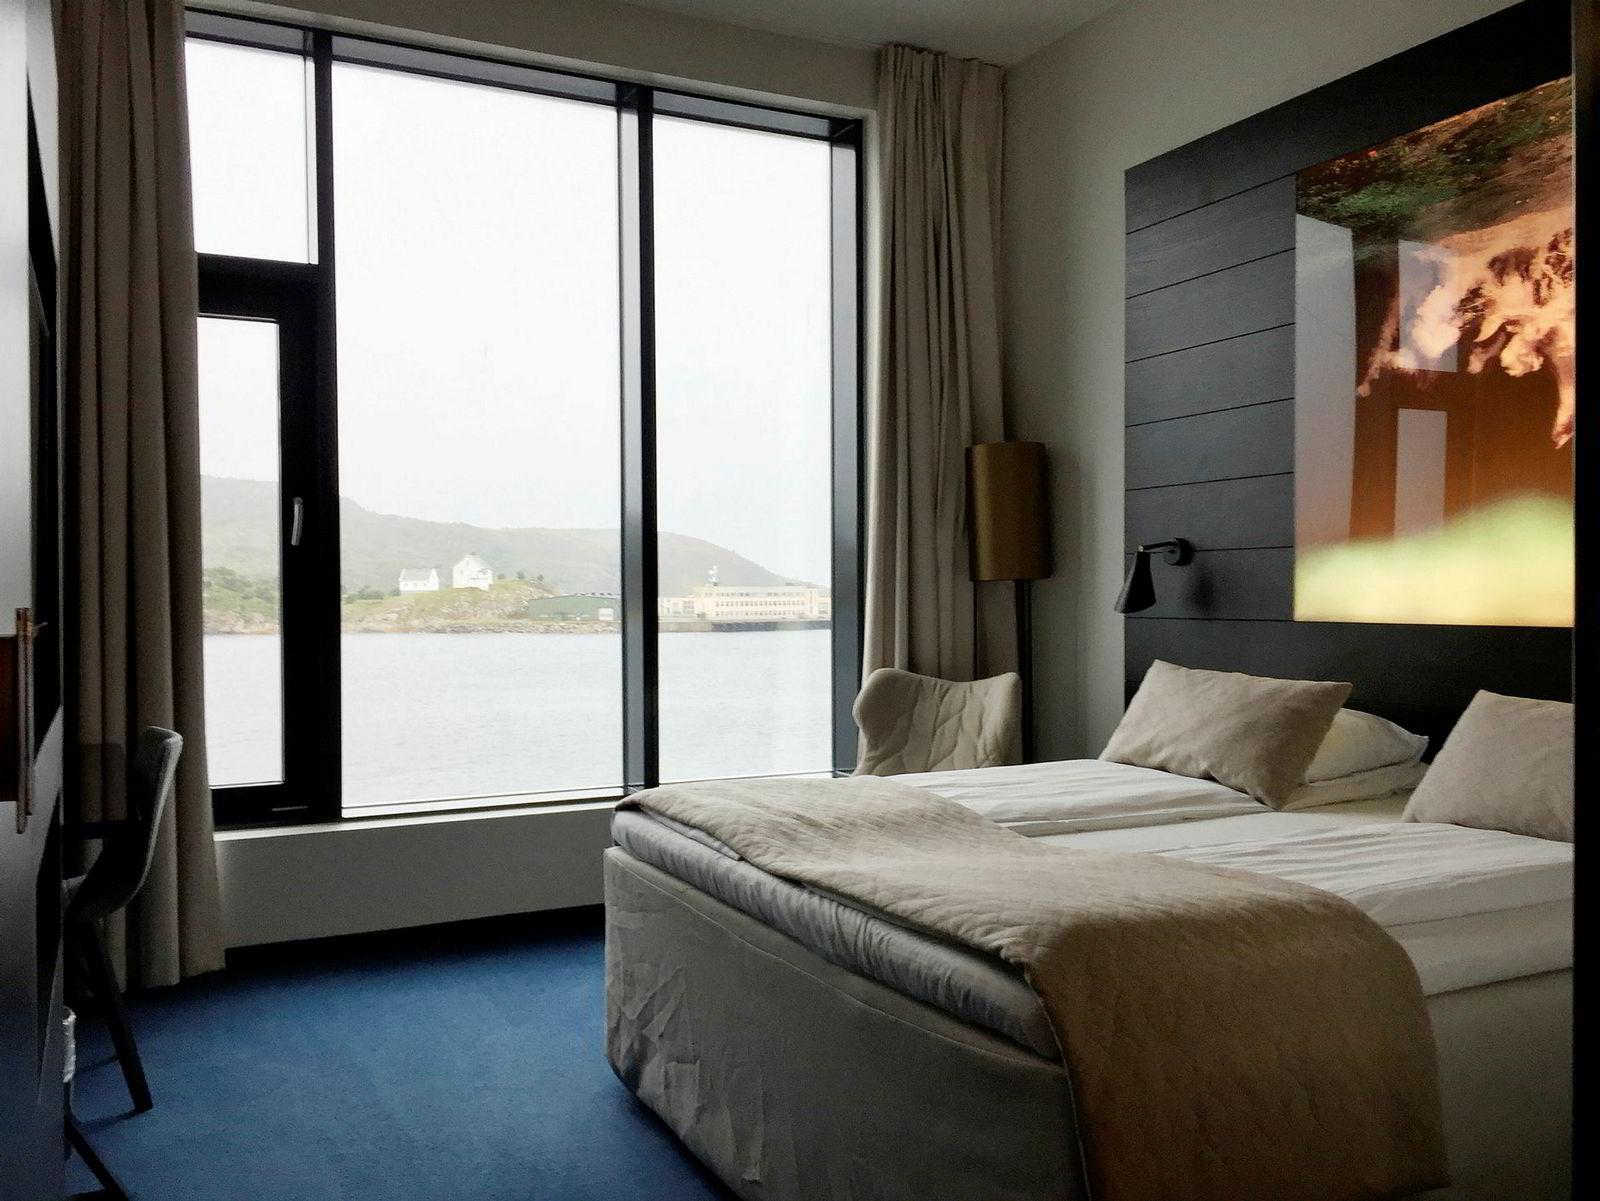 Rommet med sjøutsikt er en positiv opplevelse og en myk seng sørger for en god natts søvn.